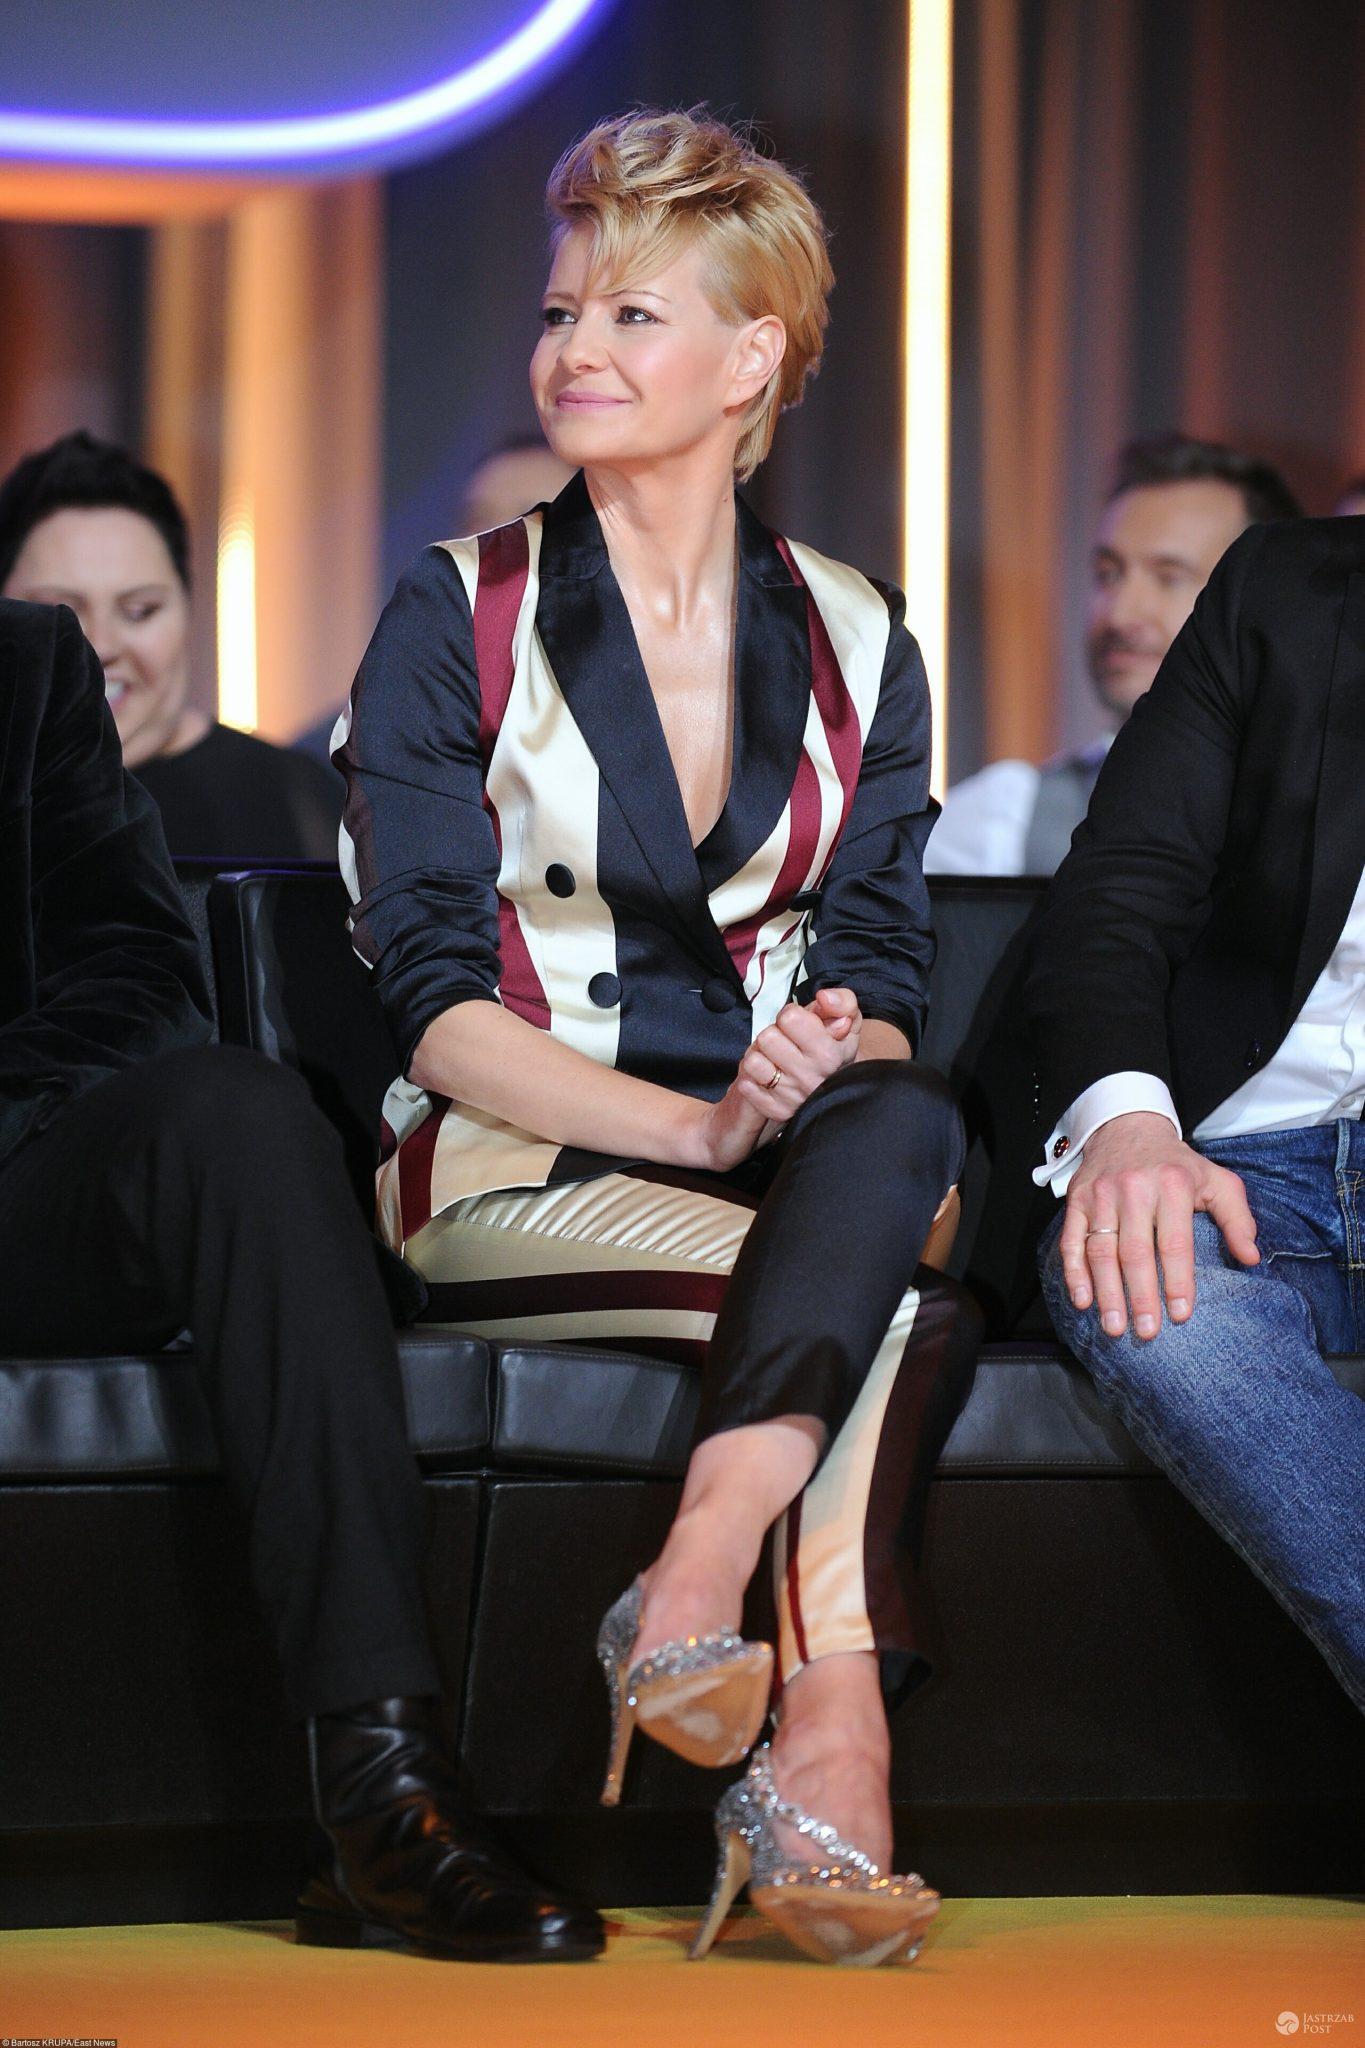 Małgorzata Kożuchowska na prezentacji wiosennej ramówki stacji TVN 2017 pokazała, jak nosić garnitur! - Małgorzata Kożuchowska – wiosenna ramówka TVN 2017